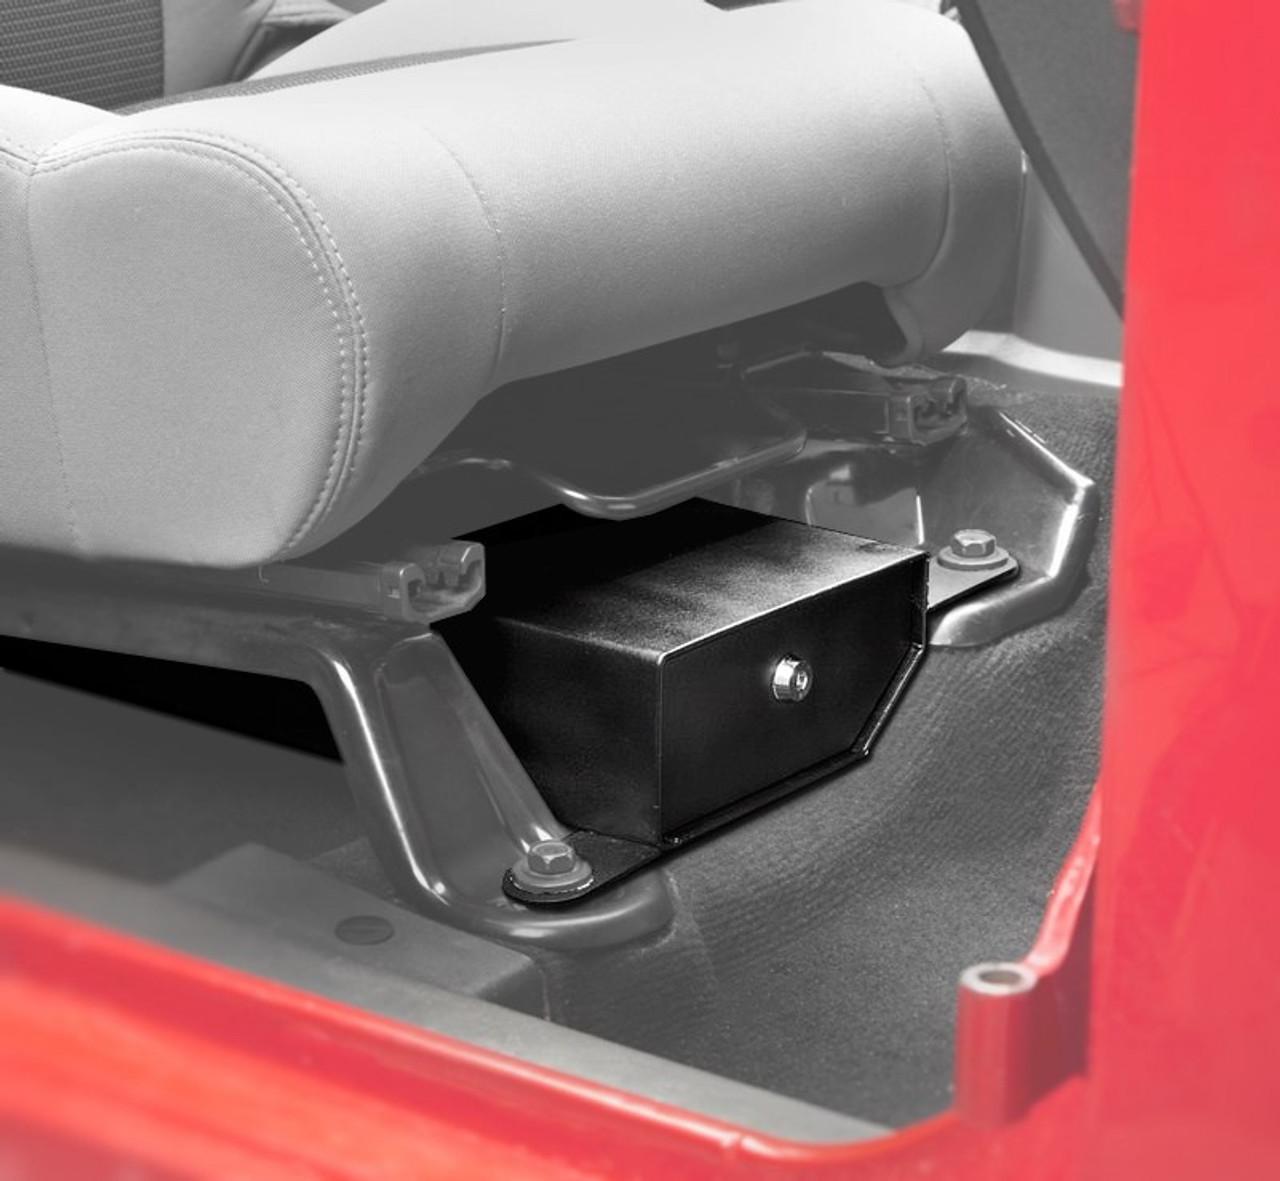 Bestop Locking Under Seat Storage Box in Textured Black for JK